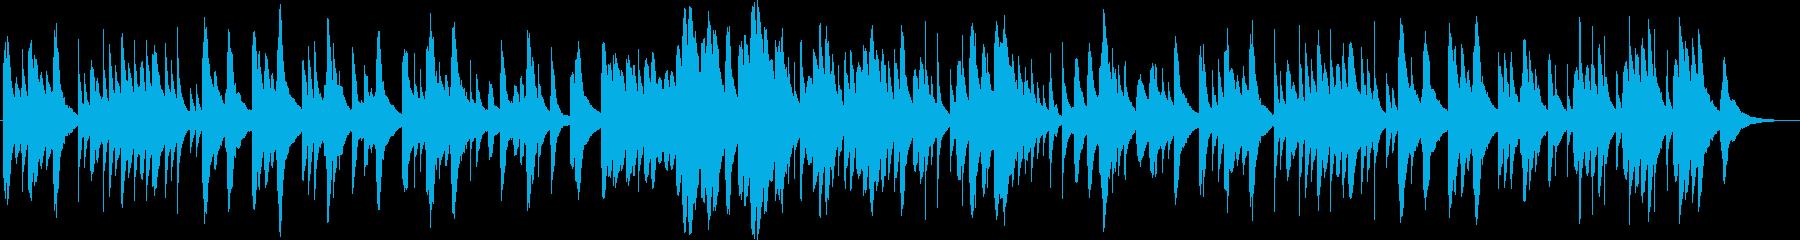 ほのぼのした雰囲気なオルゴール曲の再生済みの波形